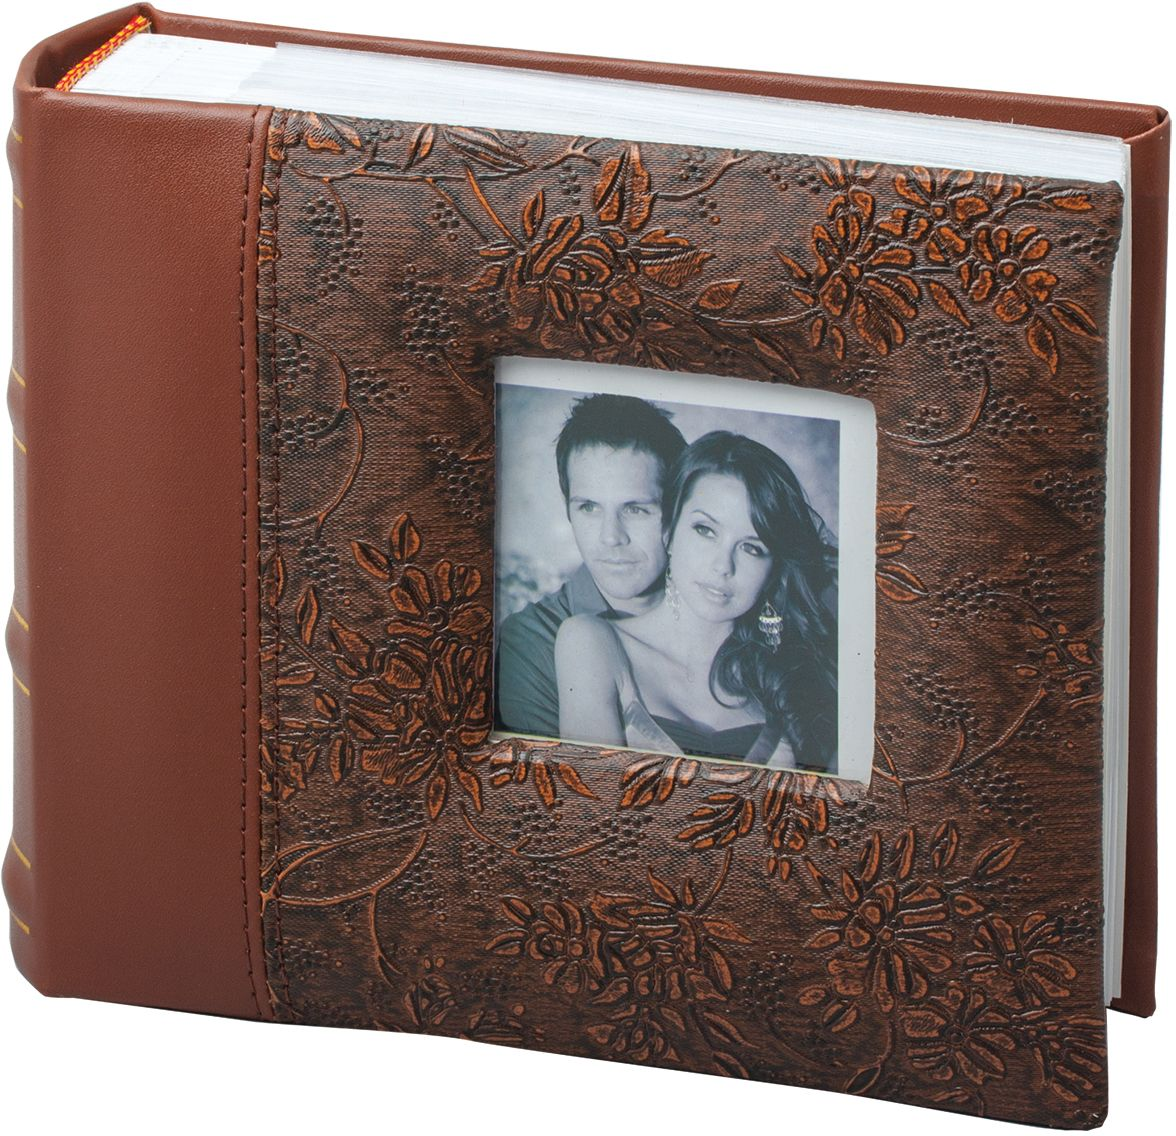 Фотоальбом Brauberg, с рамкой для фото, 100 фотографий, 10 x 15 см. 390693 фотоальбом platinum классика 240 фотографий 10 x 15 см